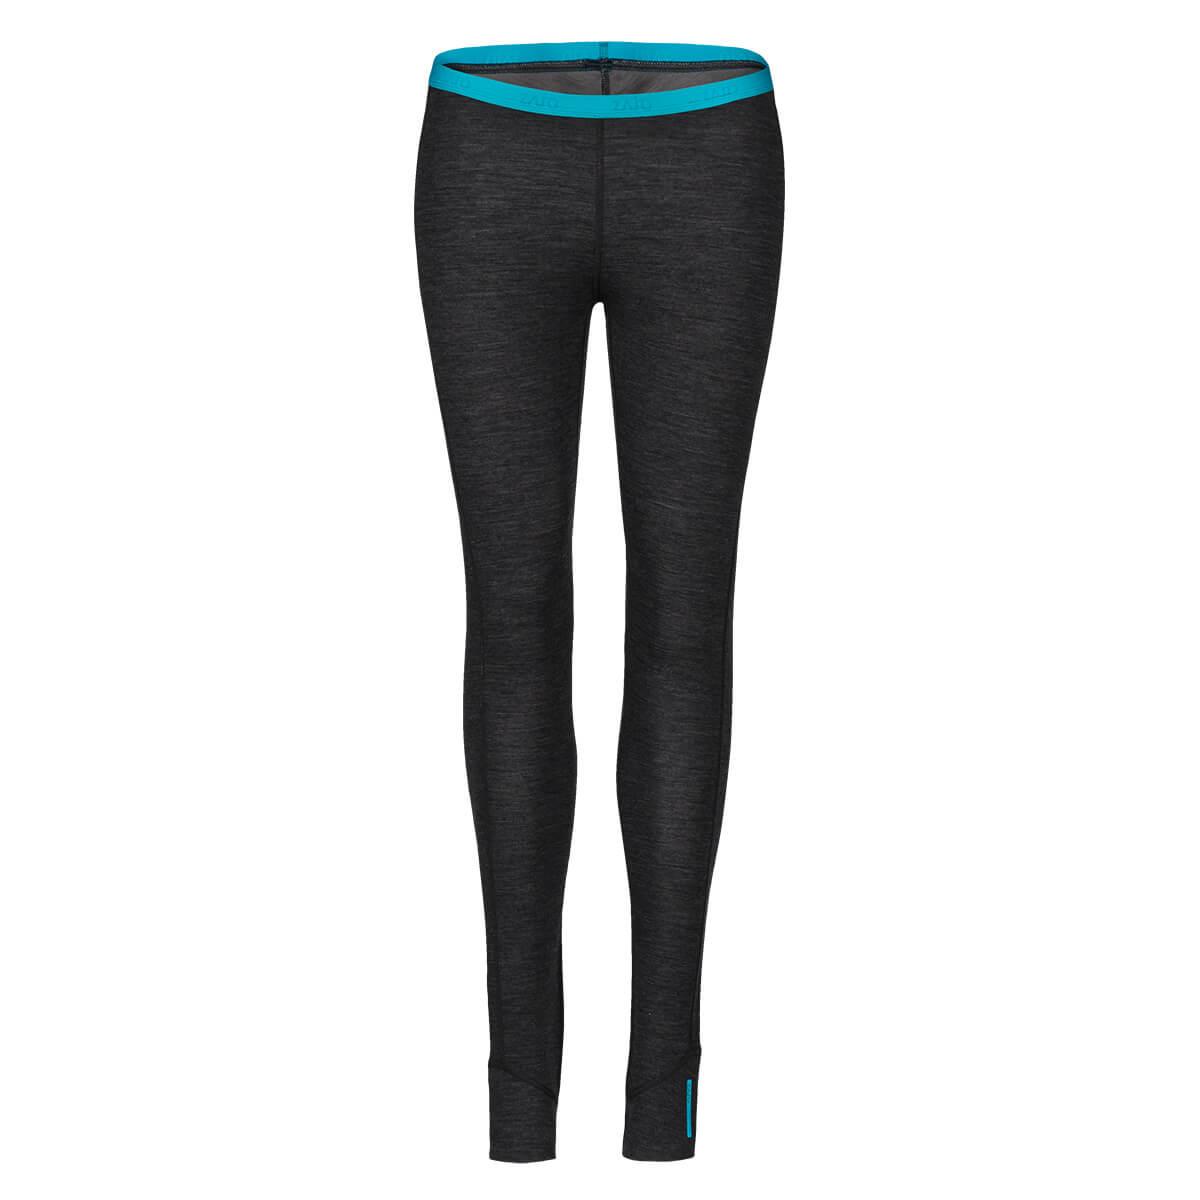 Dámske spodné prádlo Zajo Nora Merino W Pants Black II - veľkosť XS